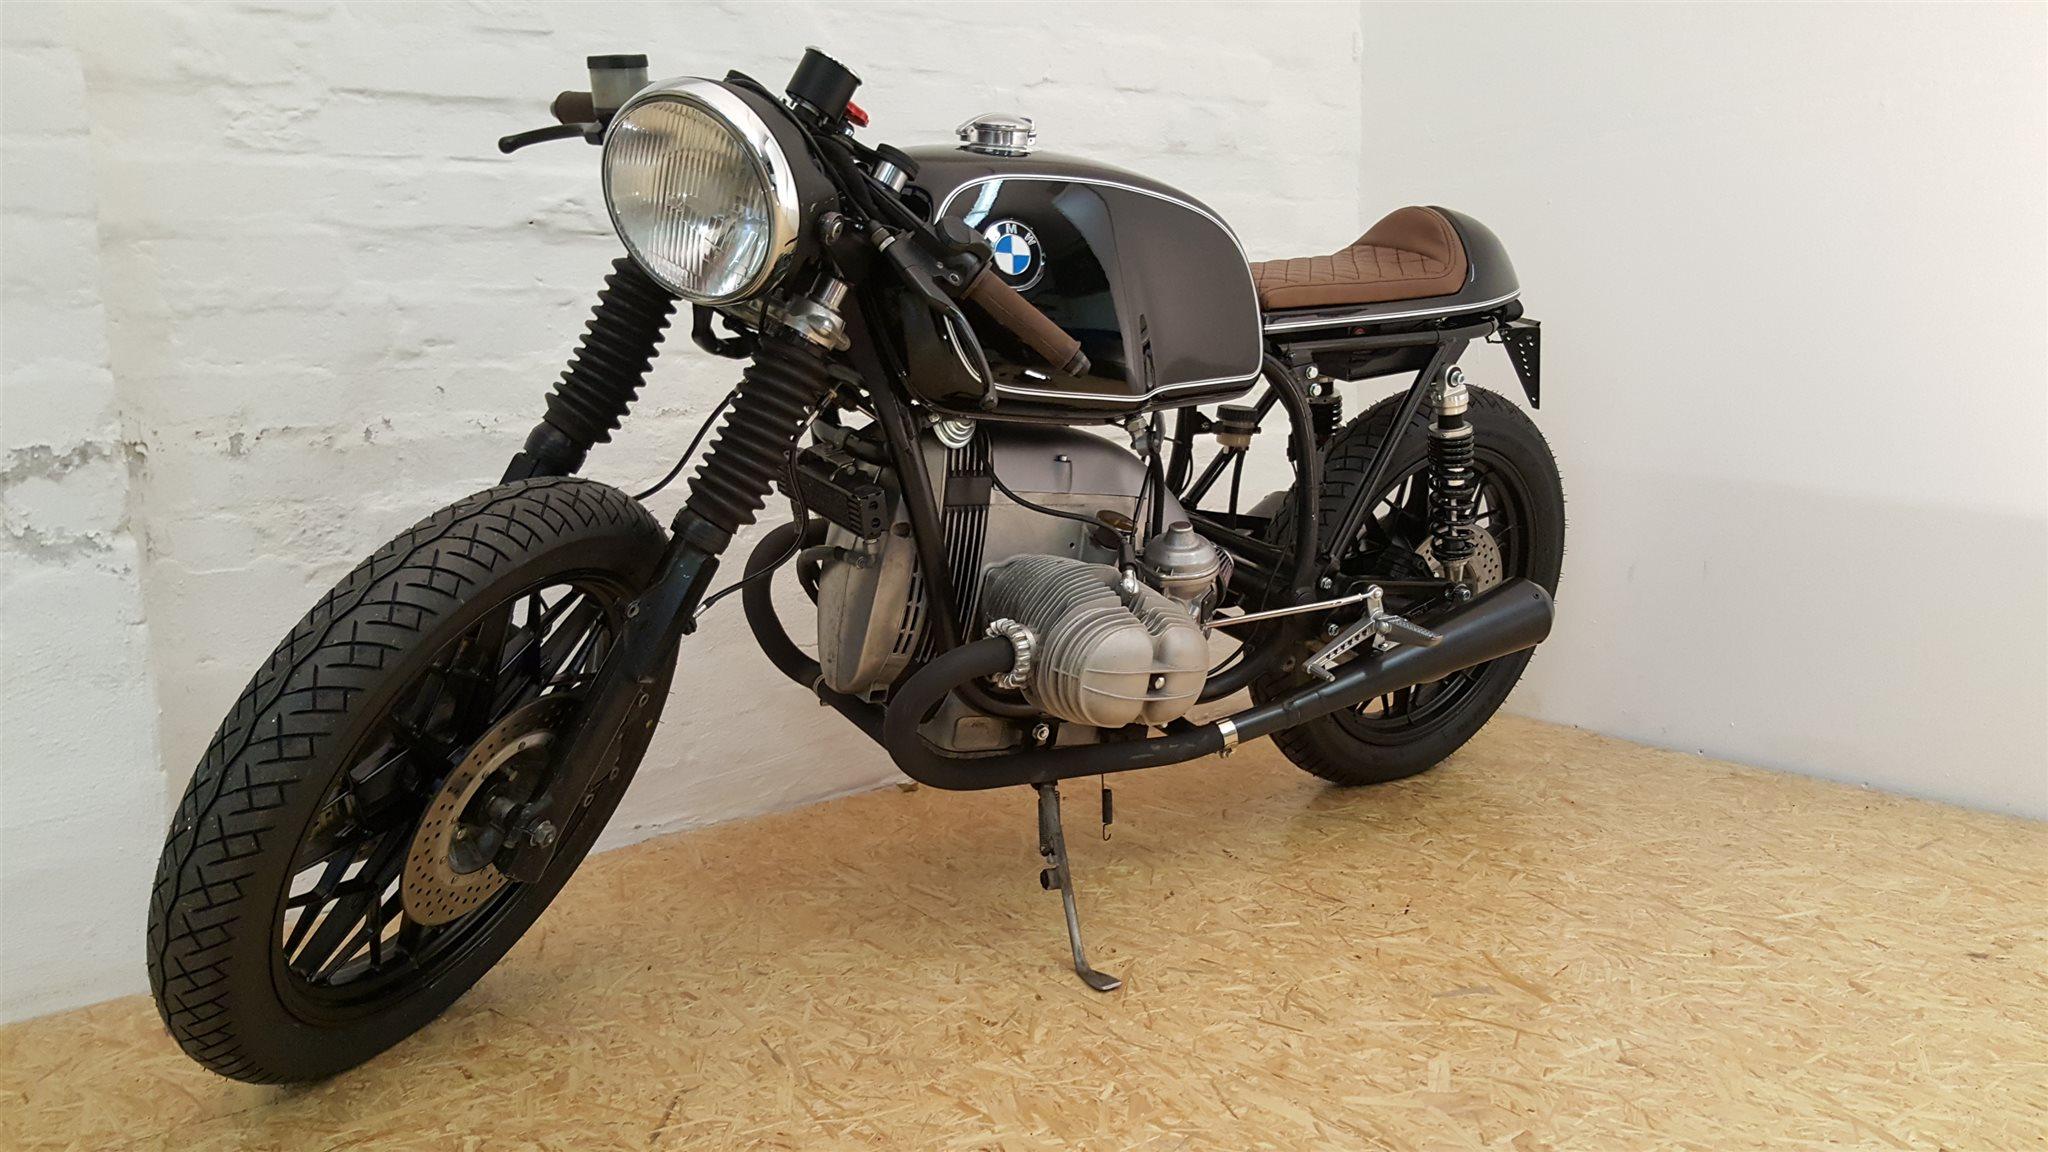 umgebautes motorrad bmw r 100 rt von motorrad scheunpflug. Black Bedroom Furniture Sets. Home Design Ideas